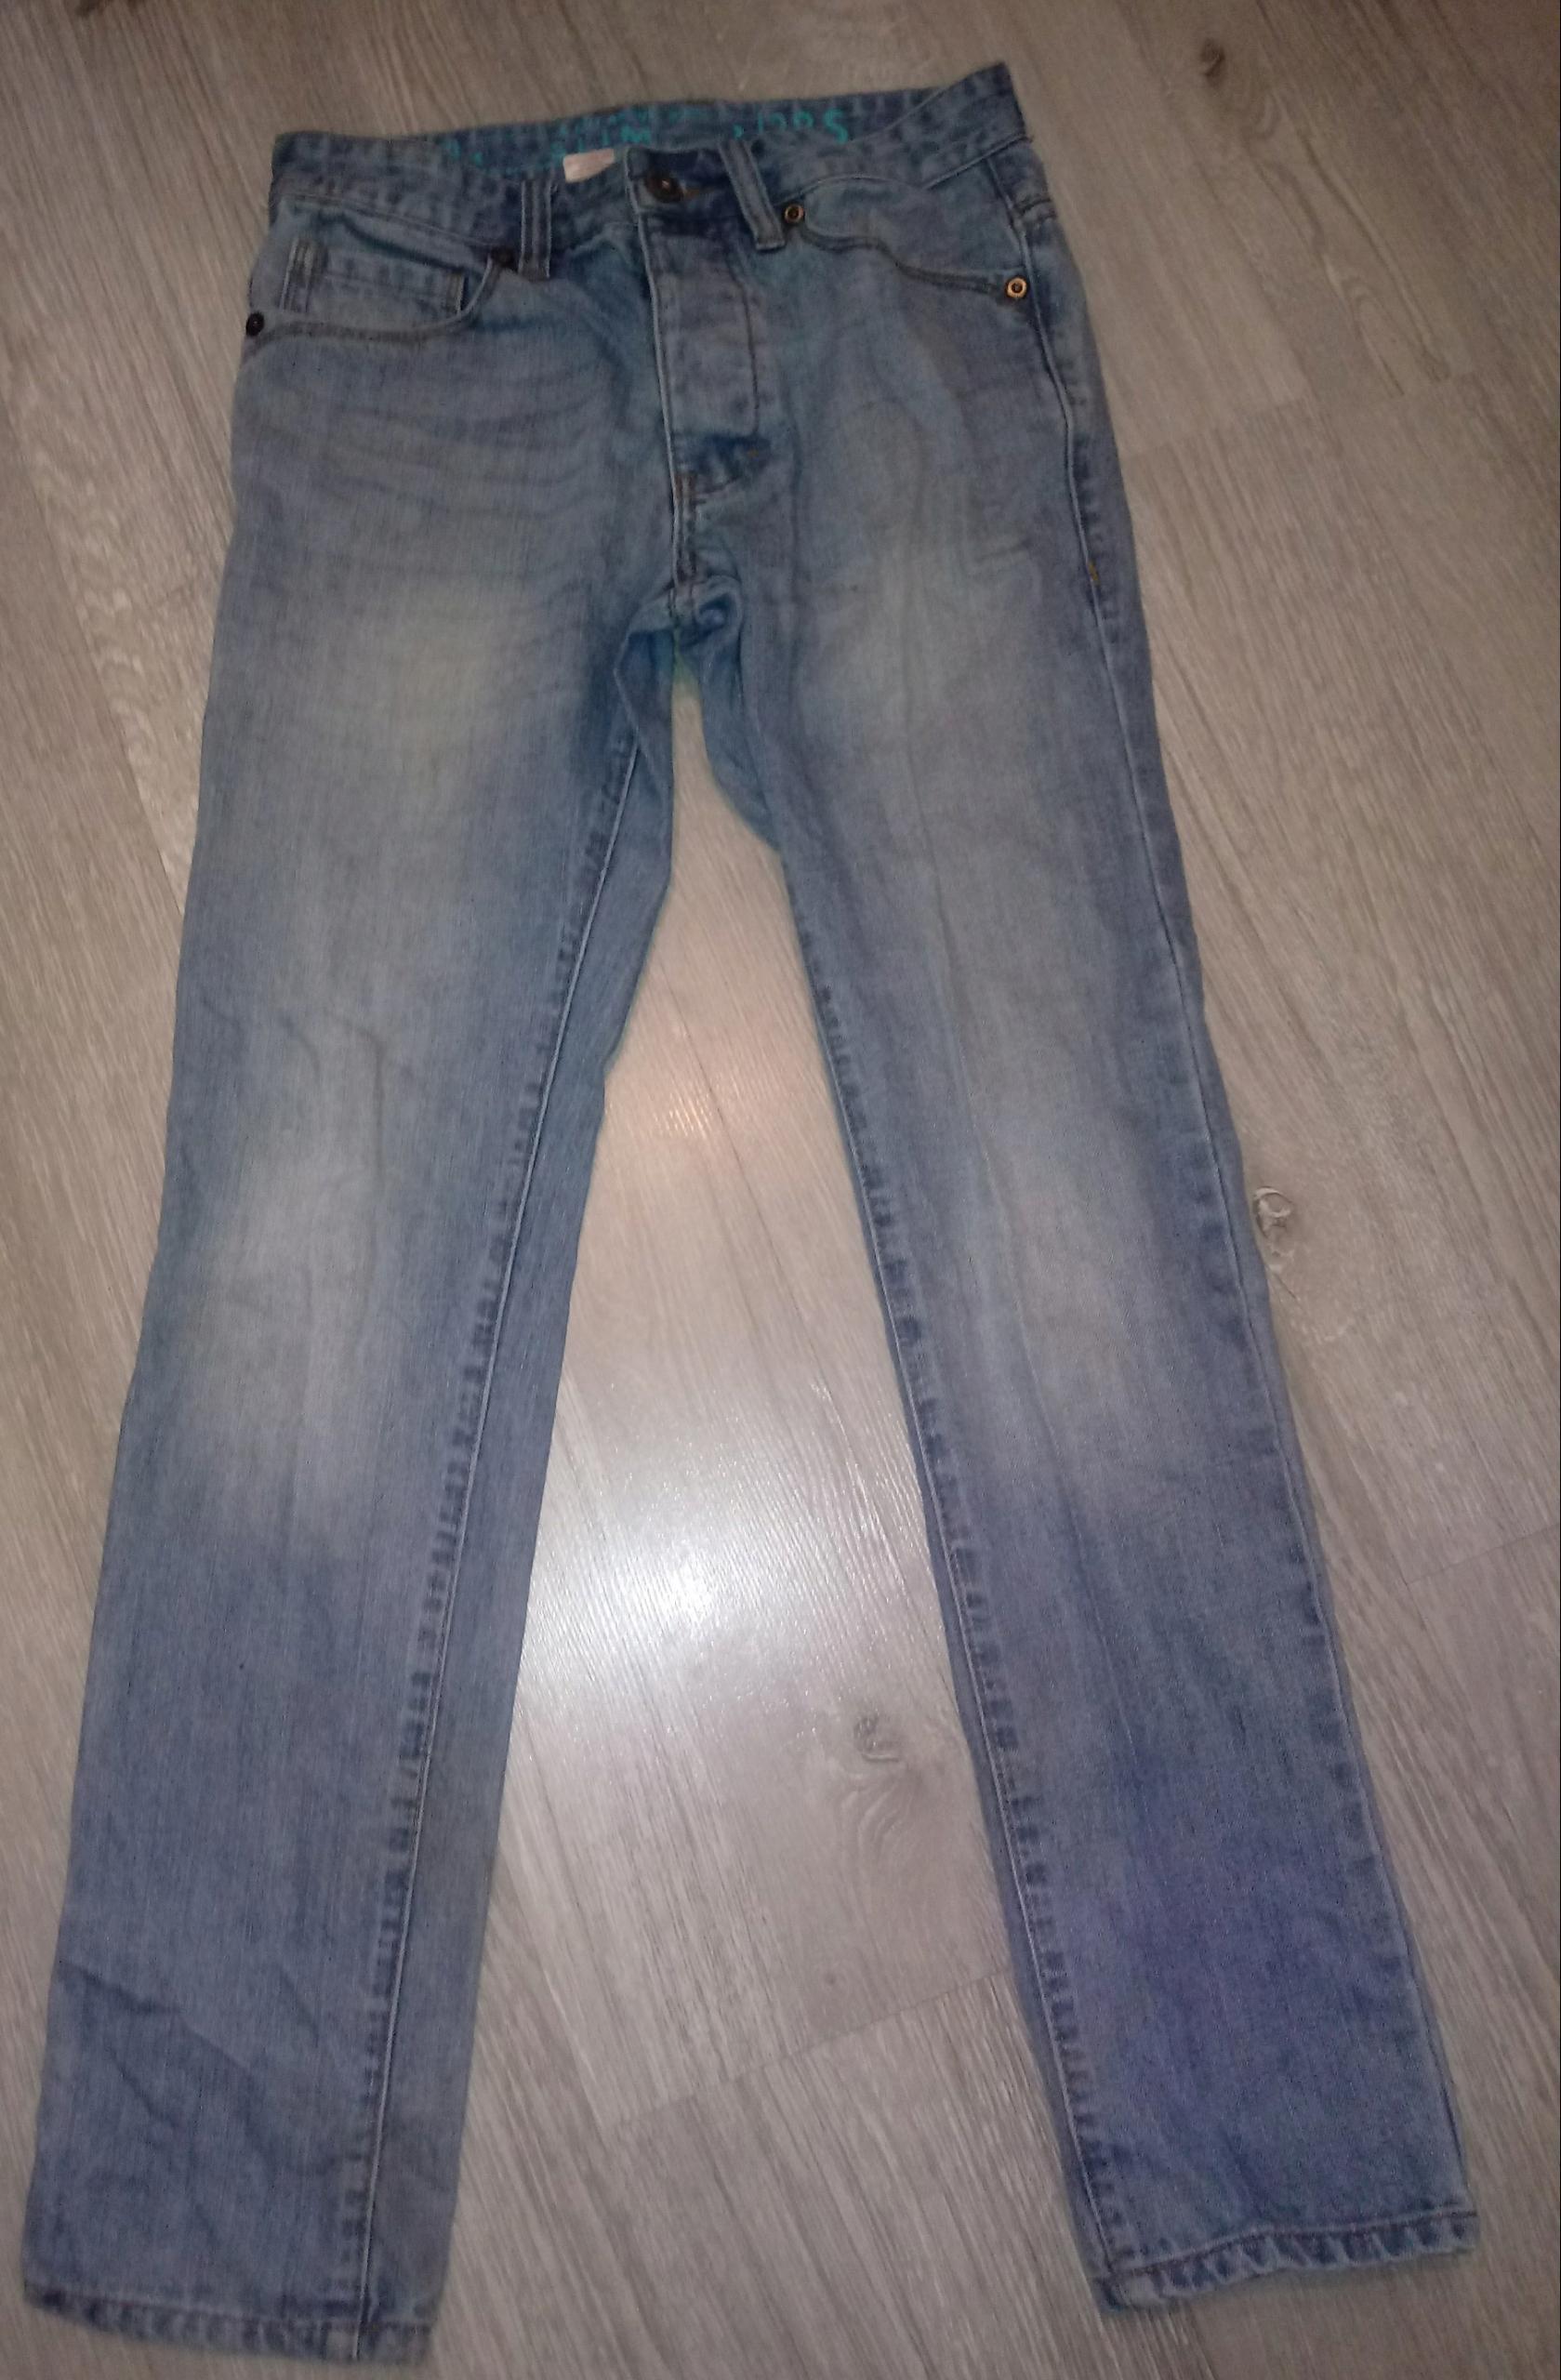 9b37d0809dcf Spodnie damskie jeans NEXT r.S M OKAZJA - 7692484150 - oficjalne ...